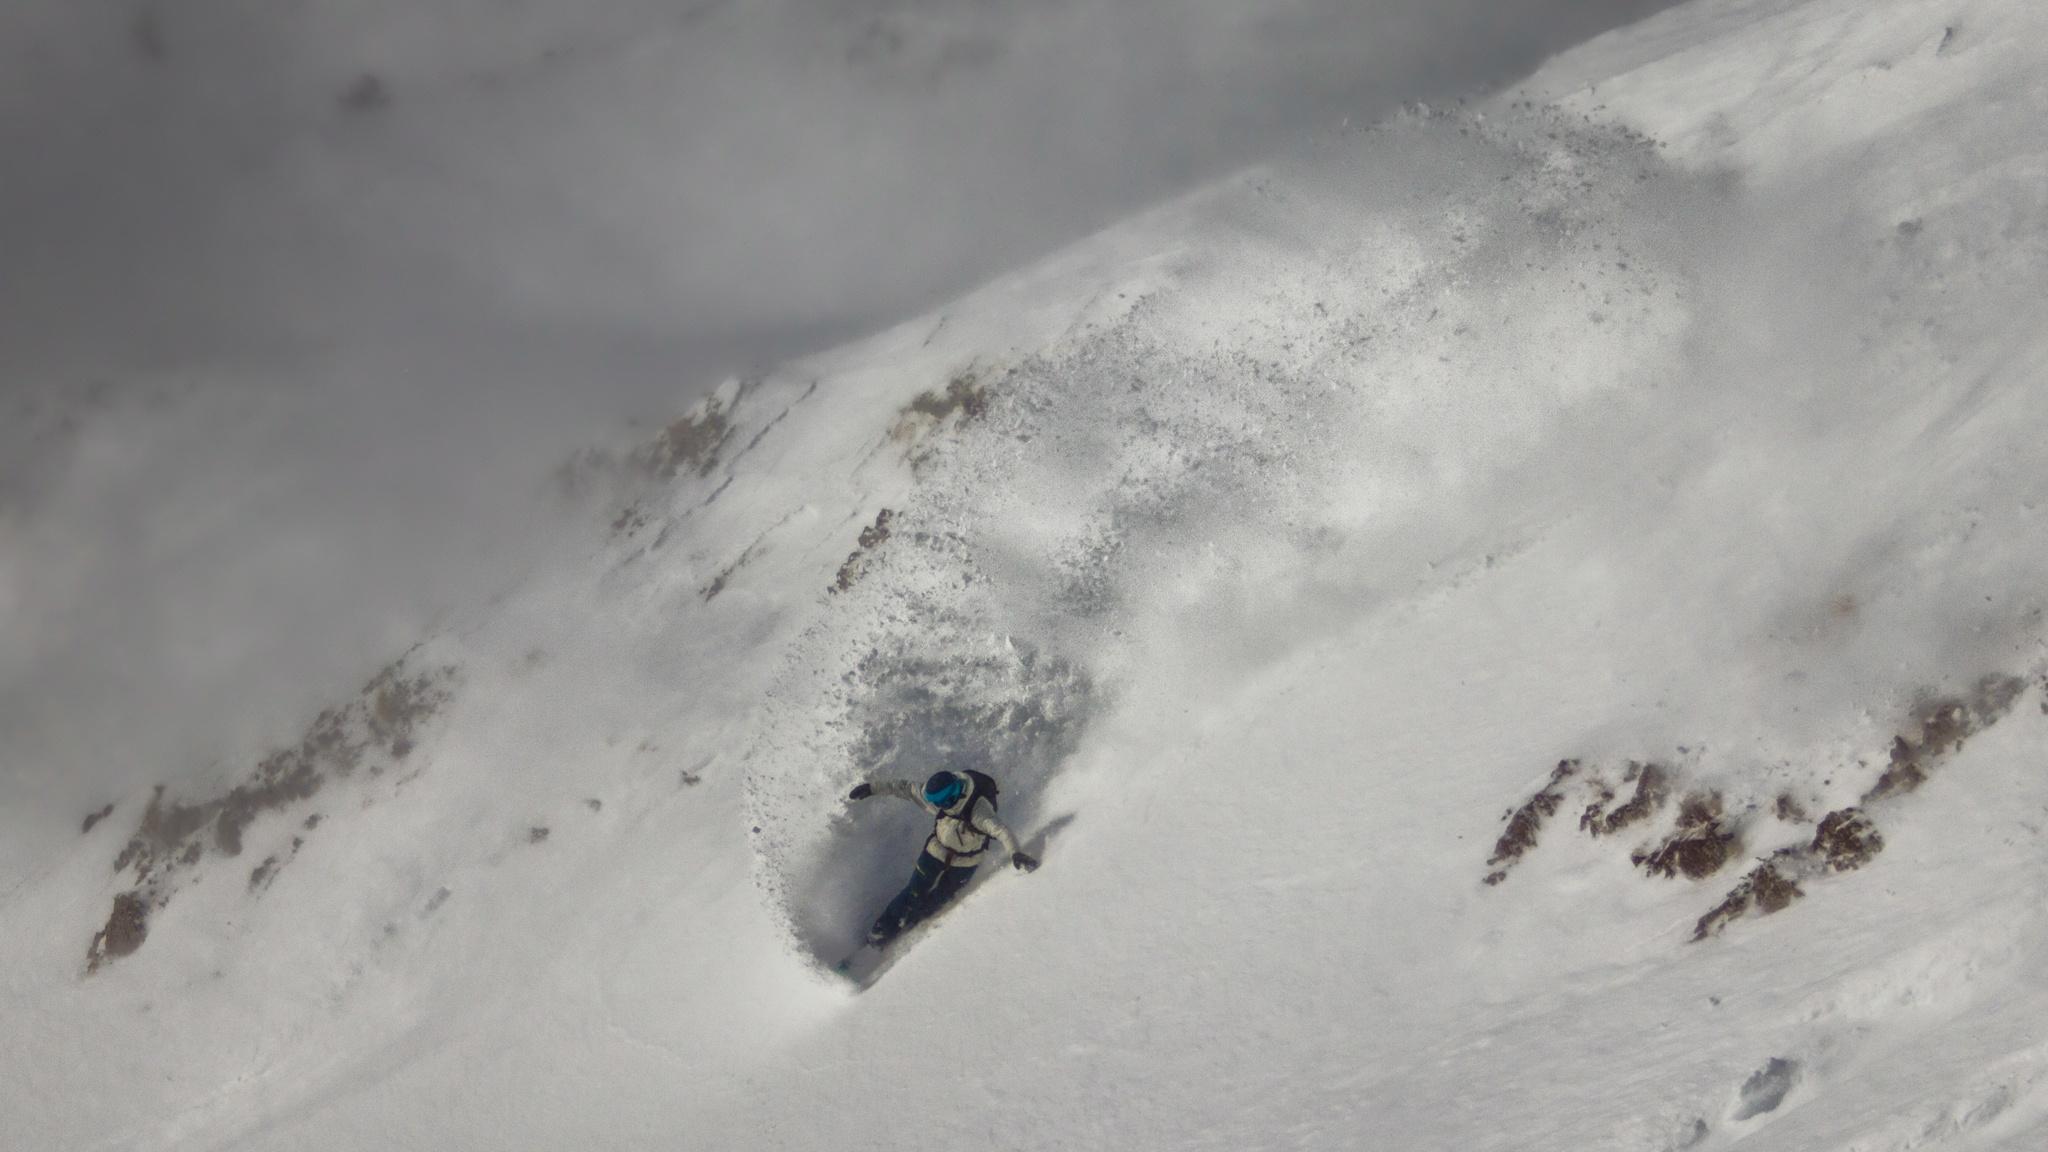 La Raca, Javi Besga - Ski & Snowboard - Fotos del Valle del Aragón, Mikel Besga